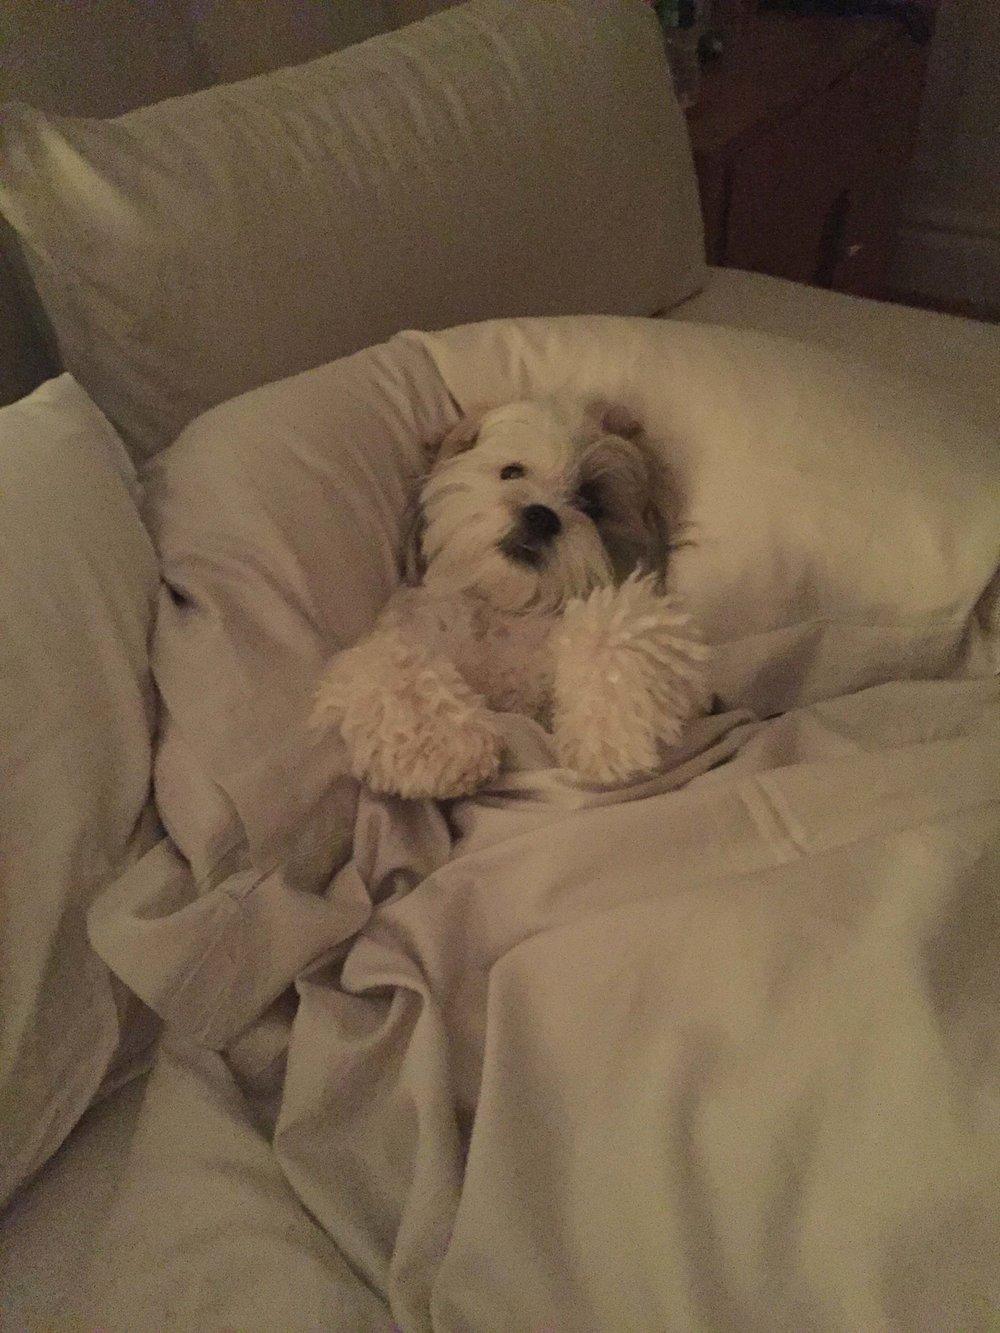 Bedtime. New York, NY